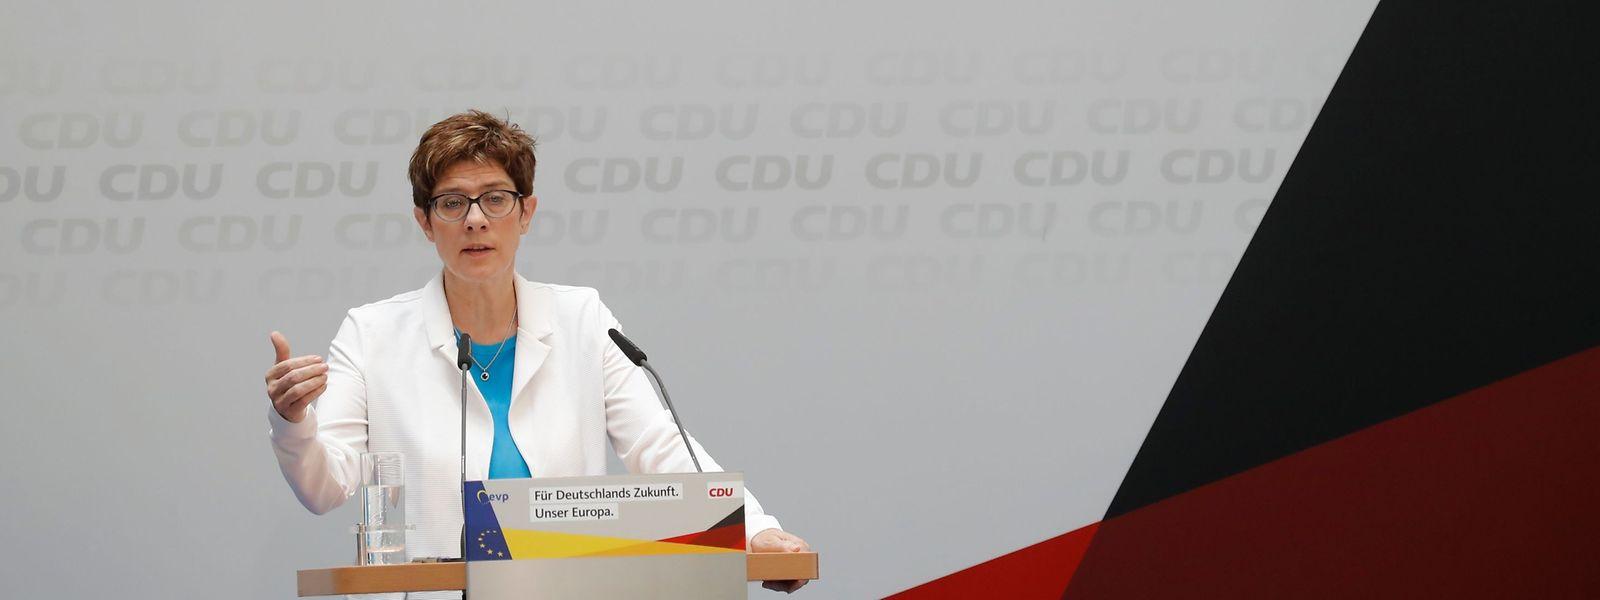 Annegret Kramp-Karrenbauer sorgte mit ihren Äußerungen für Missmut - sogar in ihrer eigenen Partei.